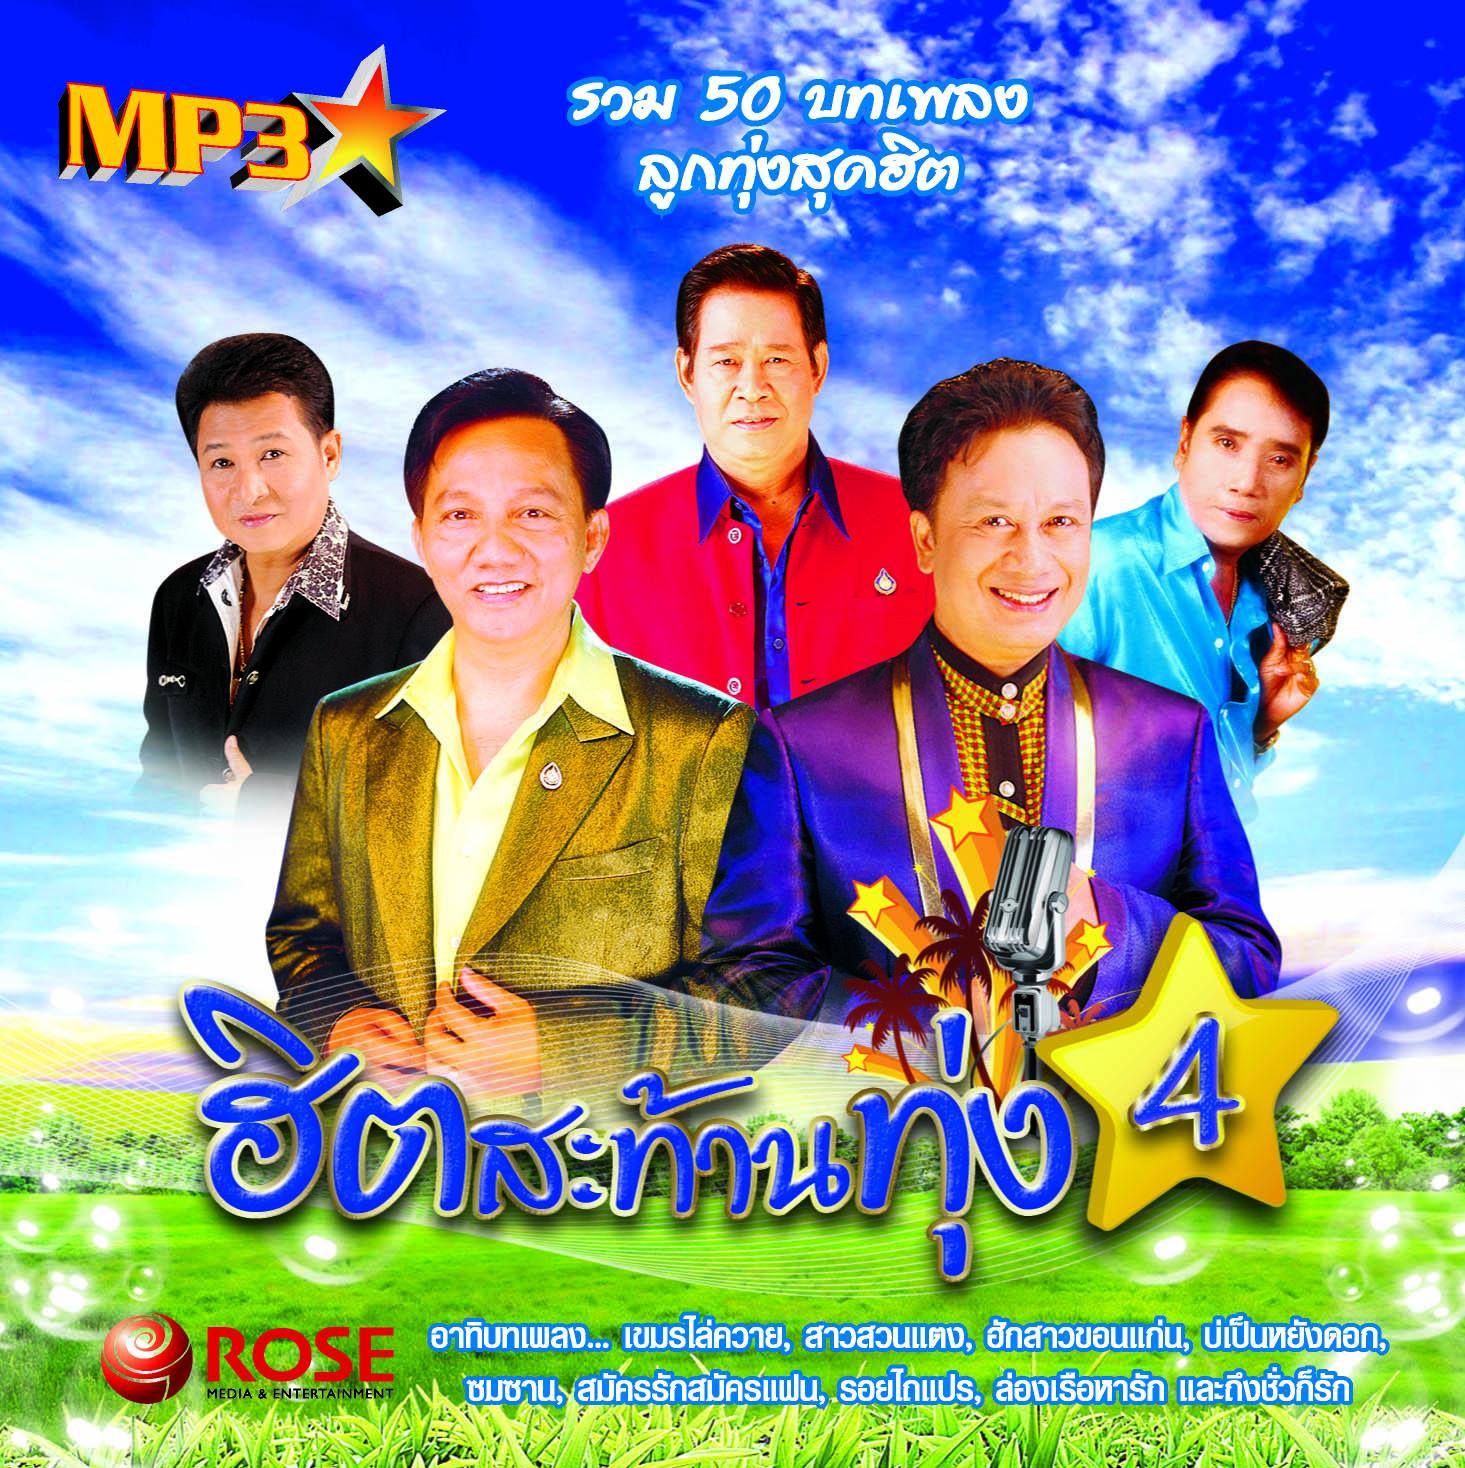 MP3 ฮิตสะท้านทุ่ง 4 (สดใส ศรเพชร กังวาลไพร สัญญา ศรชัย)